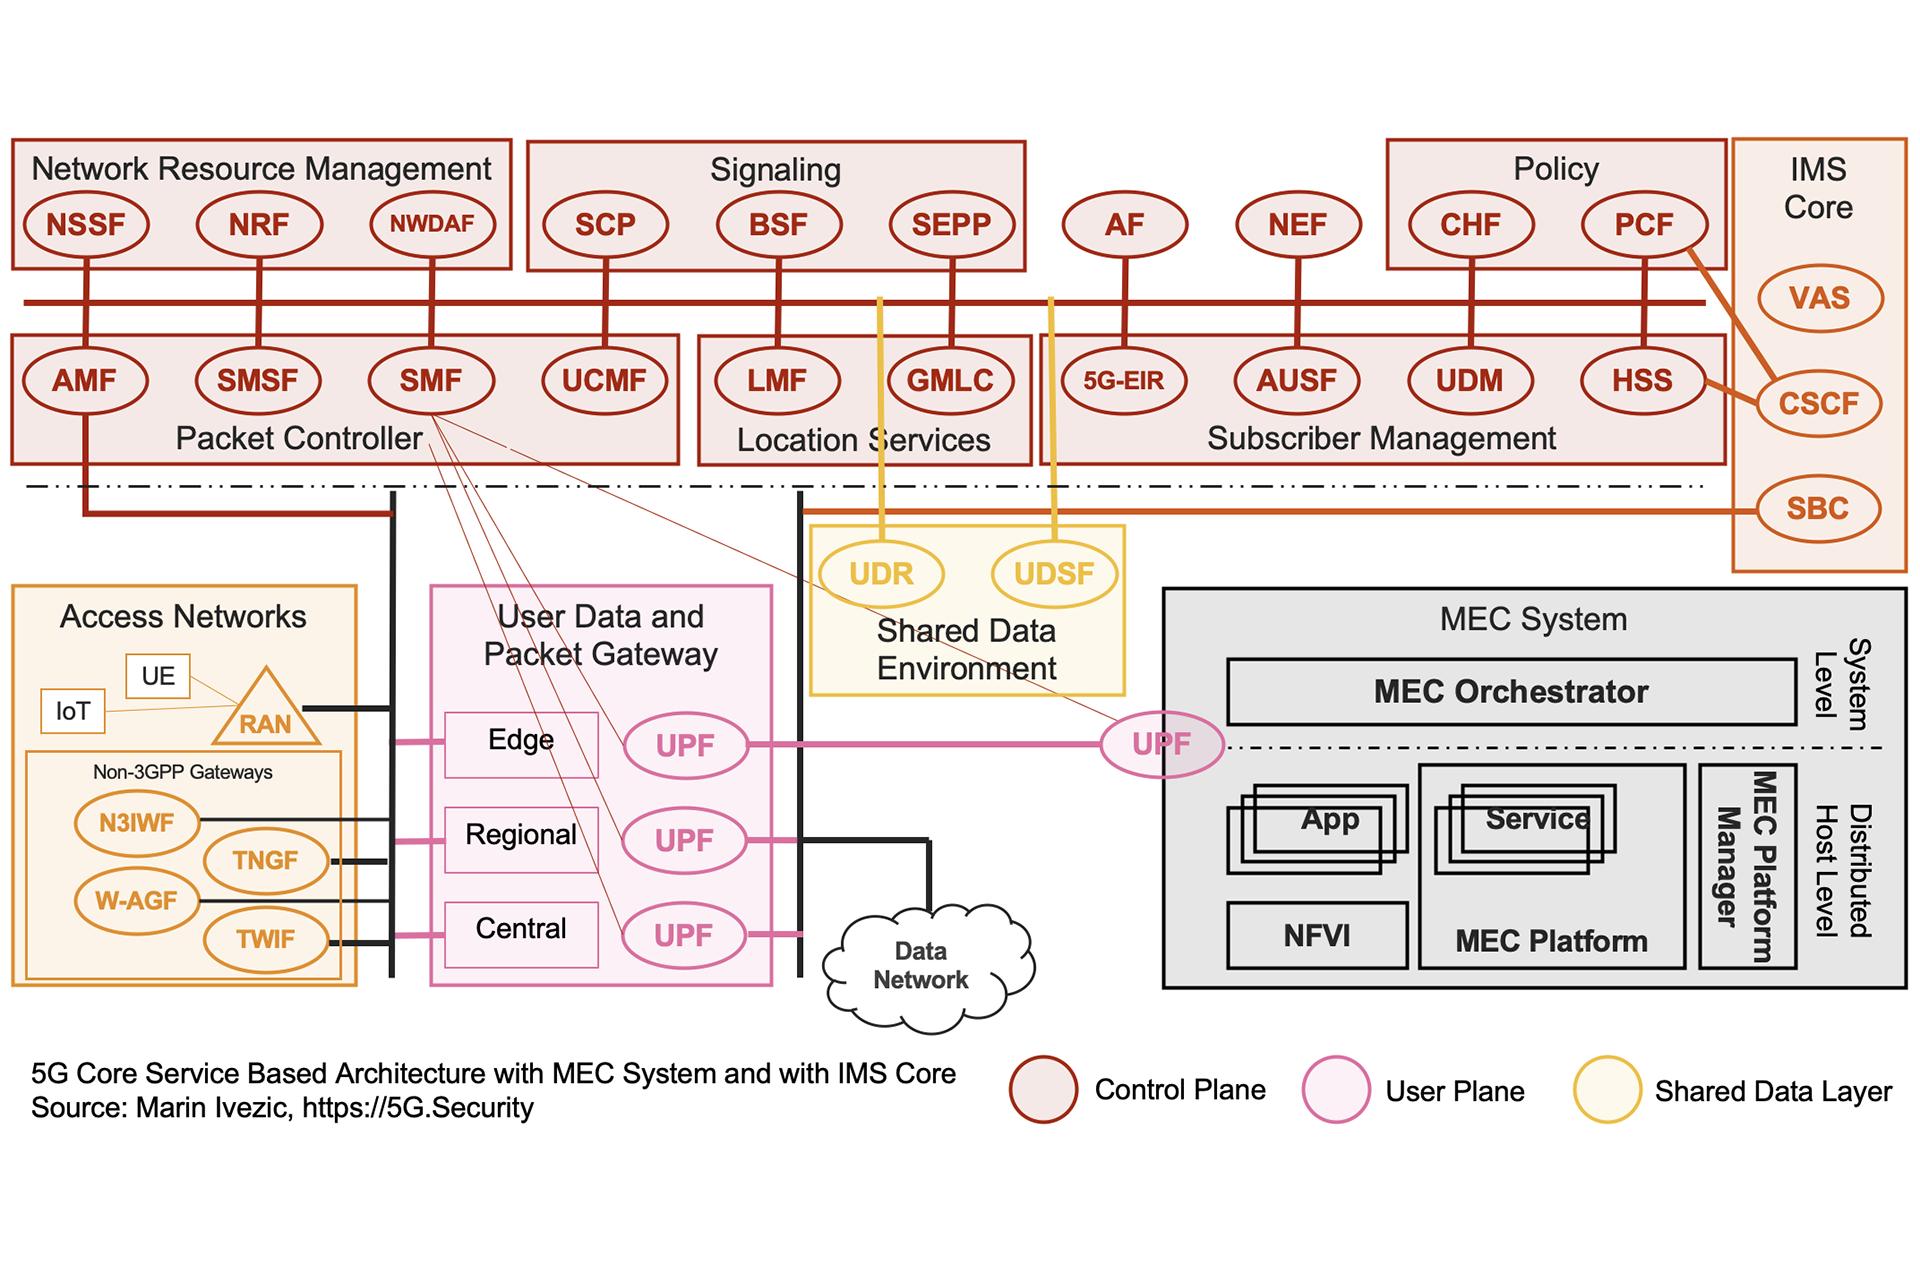 5G SBA IMS MEC Architecture